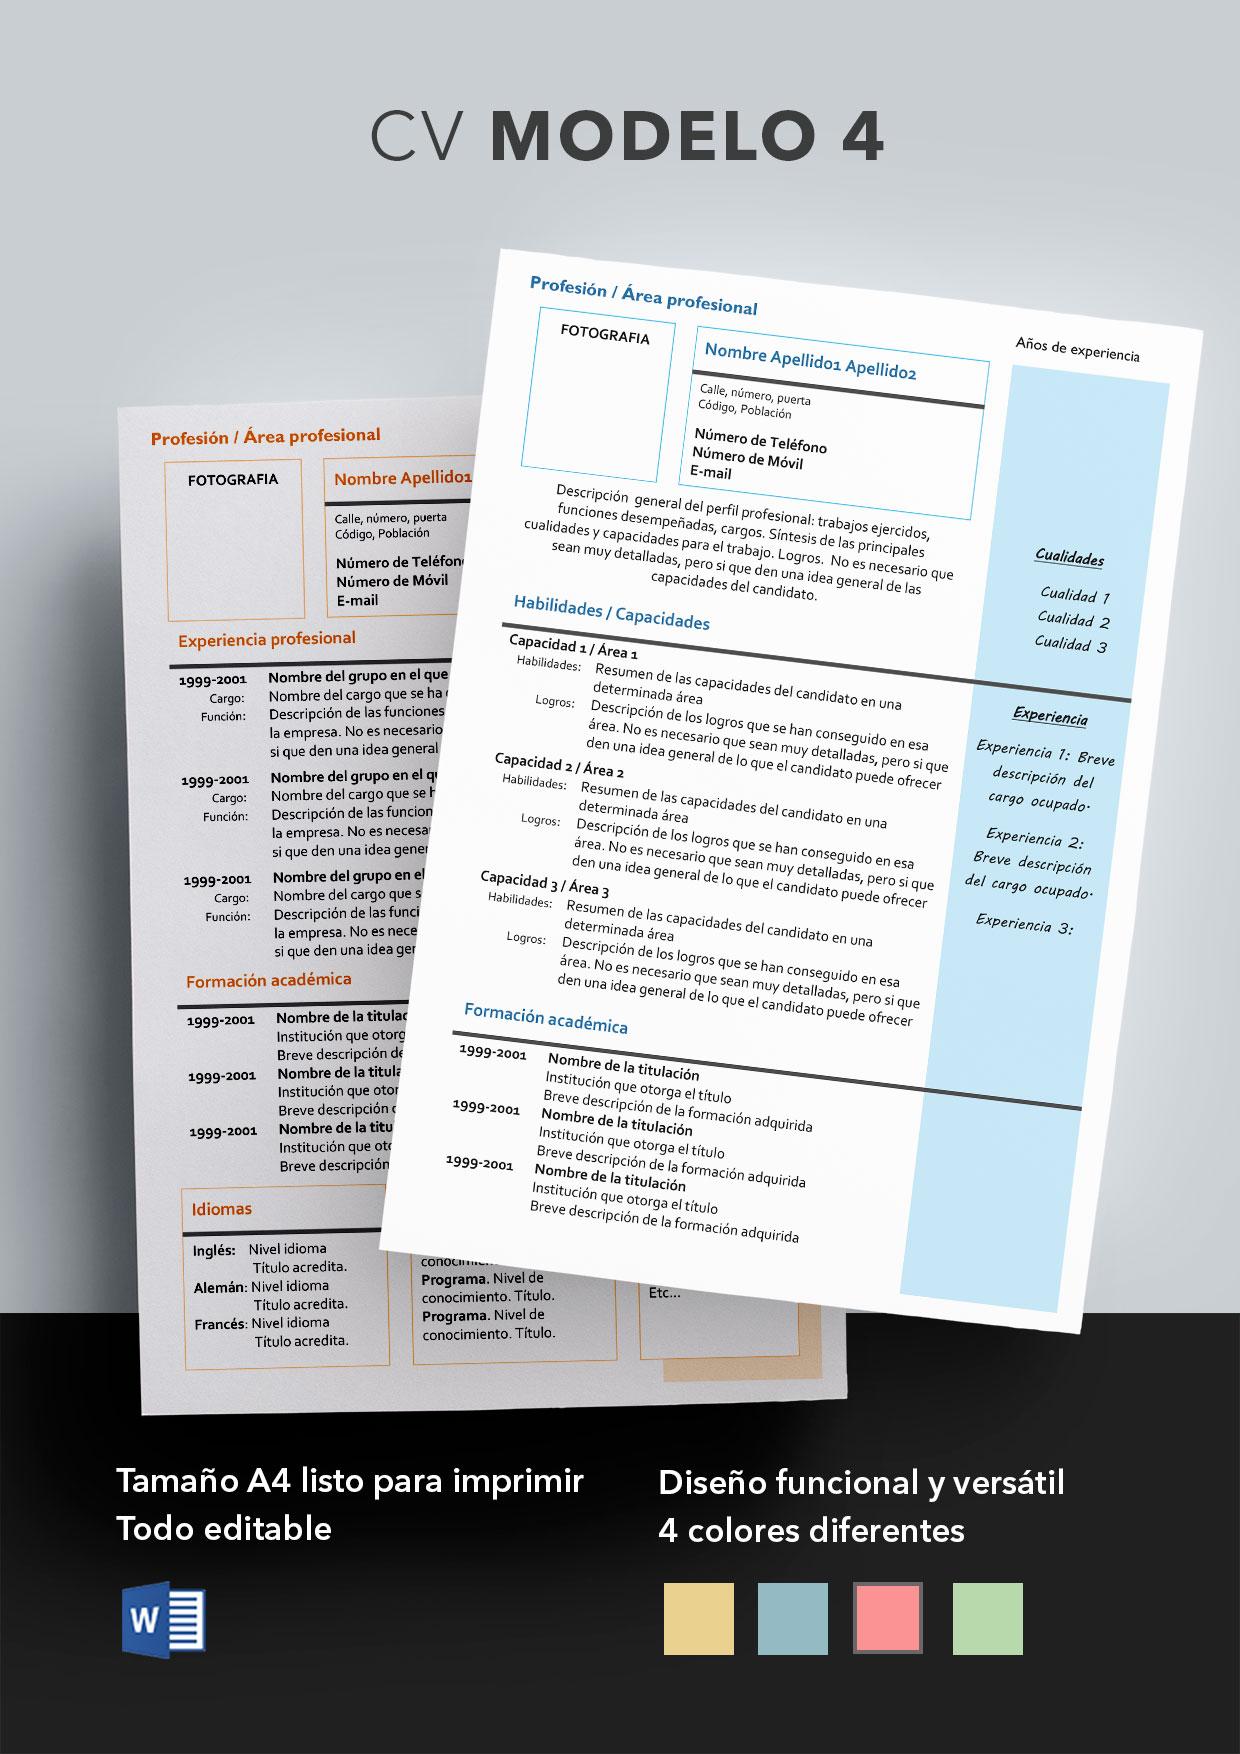 Curriculum Vitae Modelo 4 | Plantillas de currículums